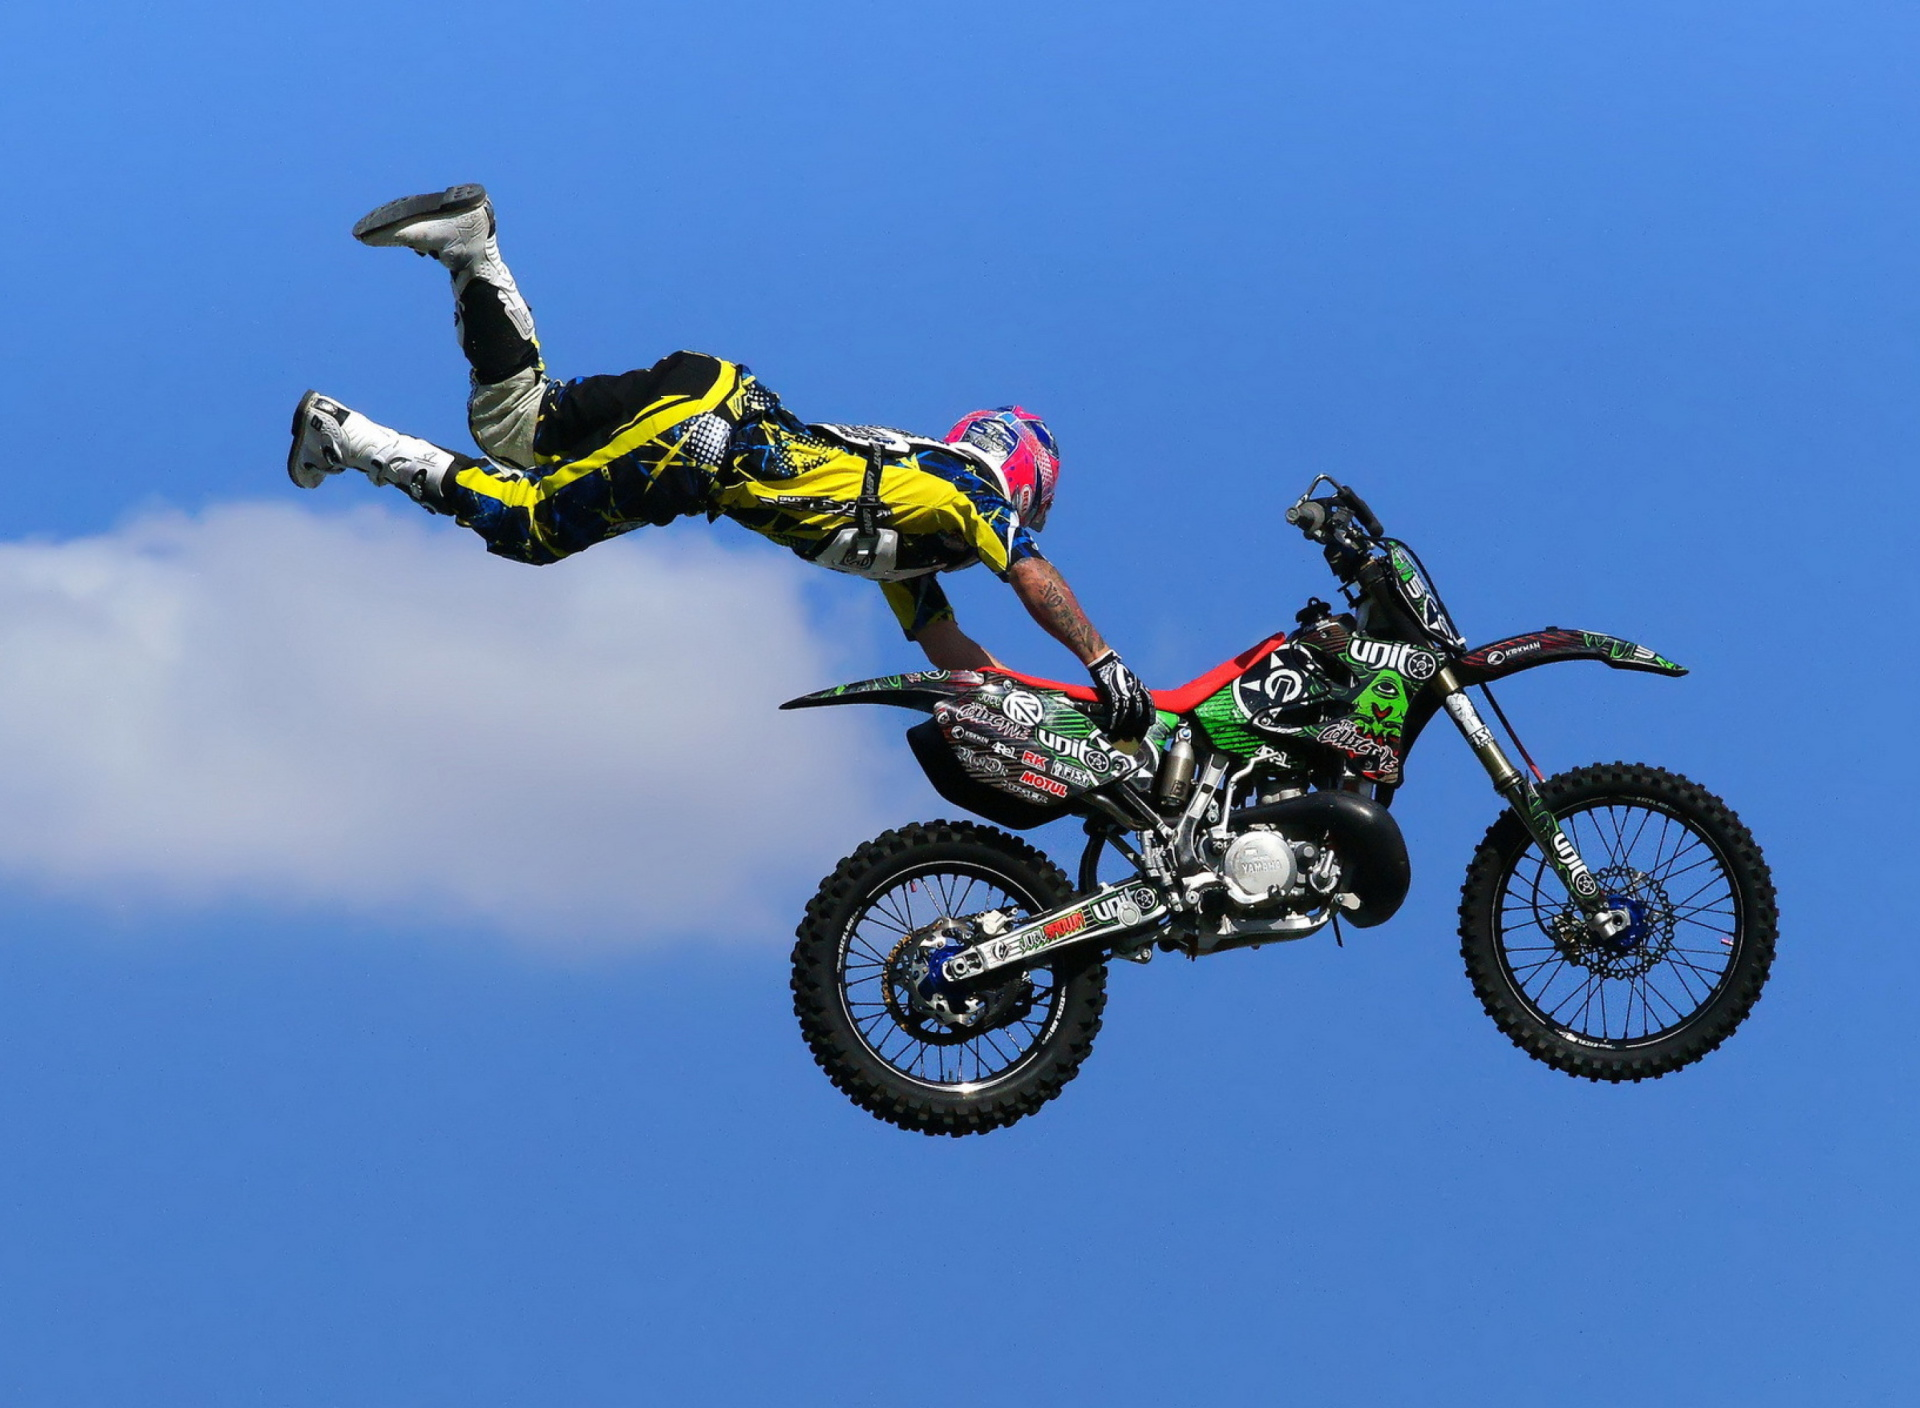 Прыжок на котоцикле скачать